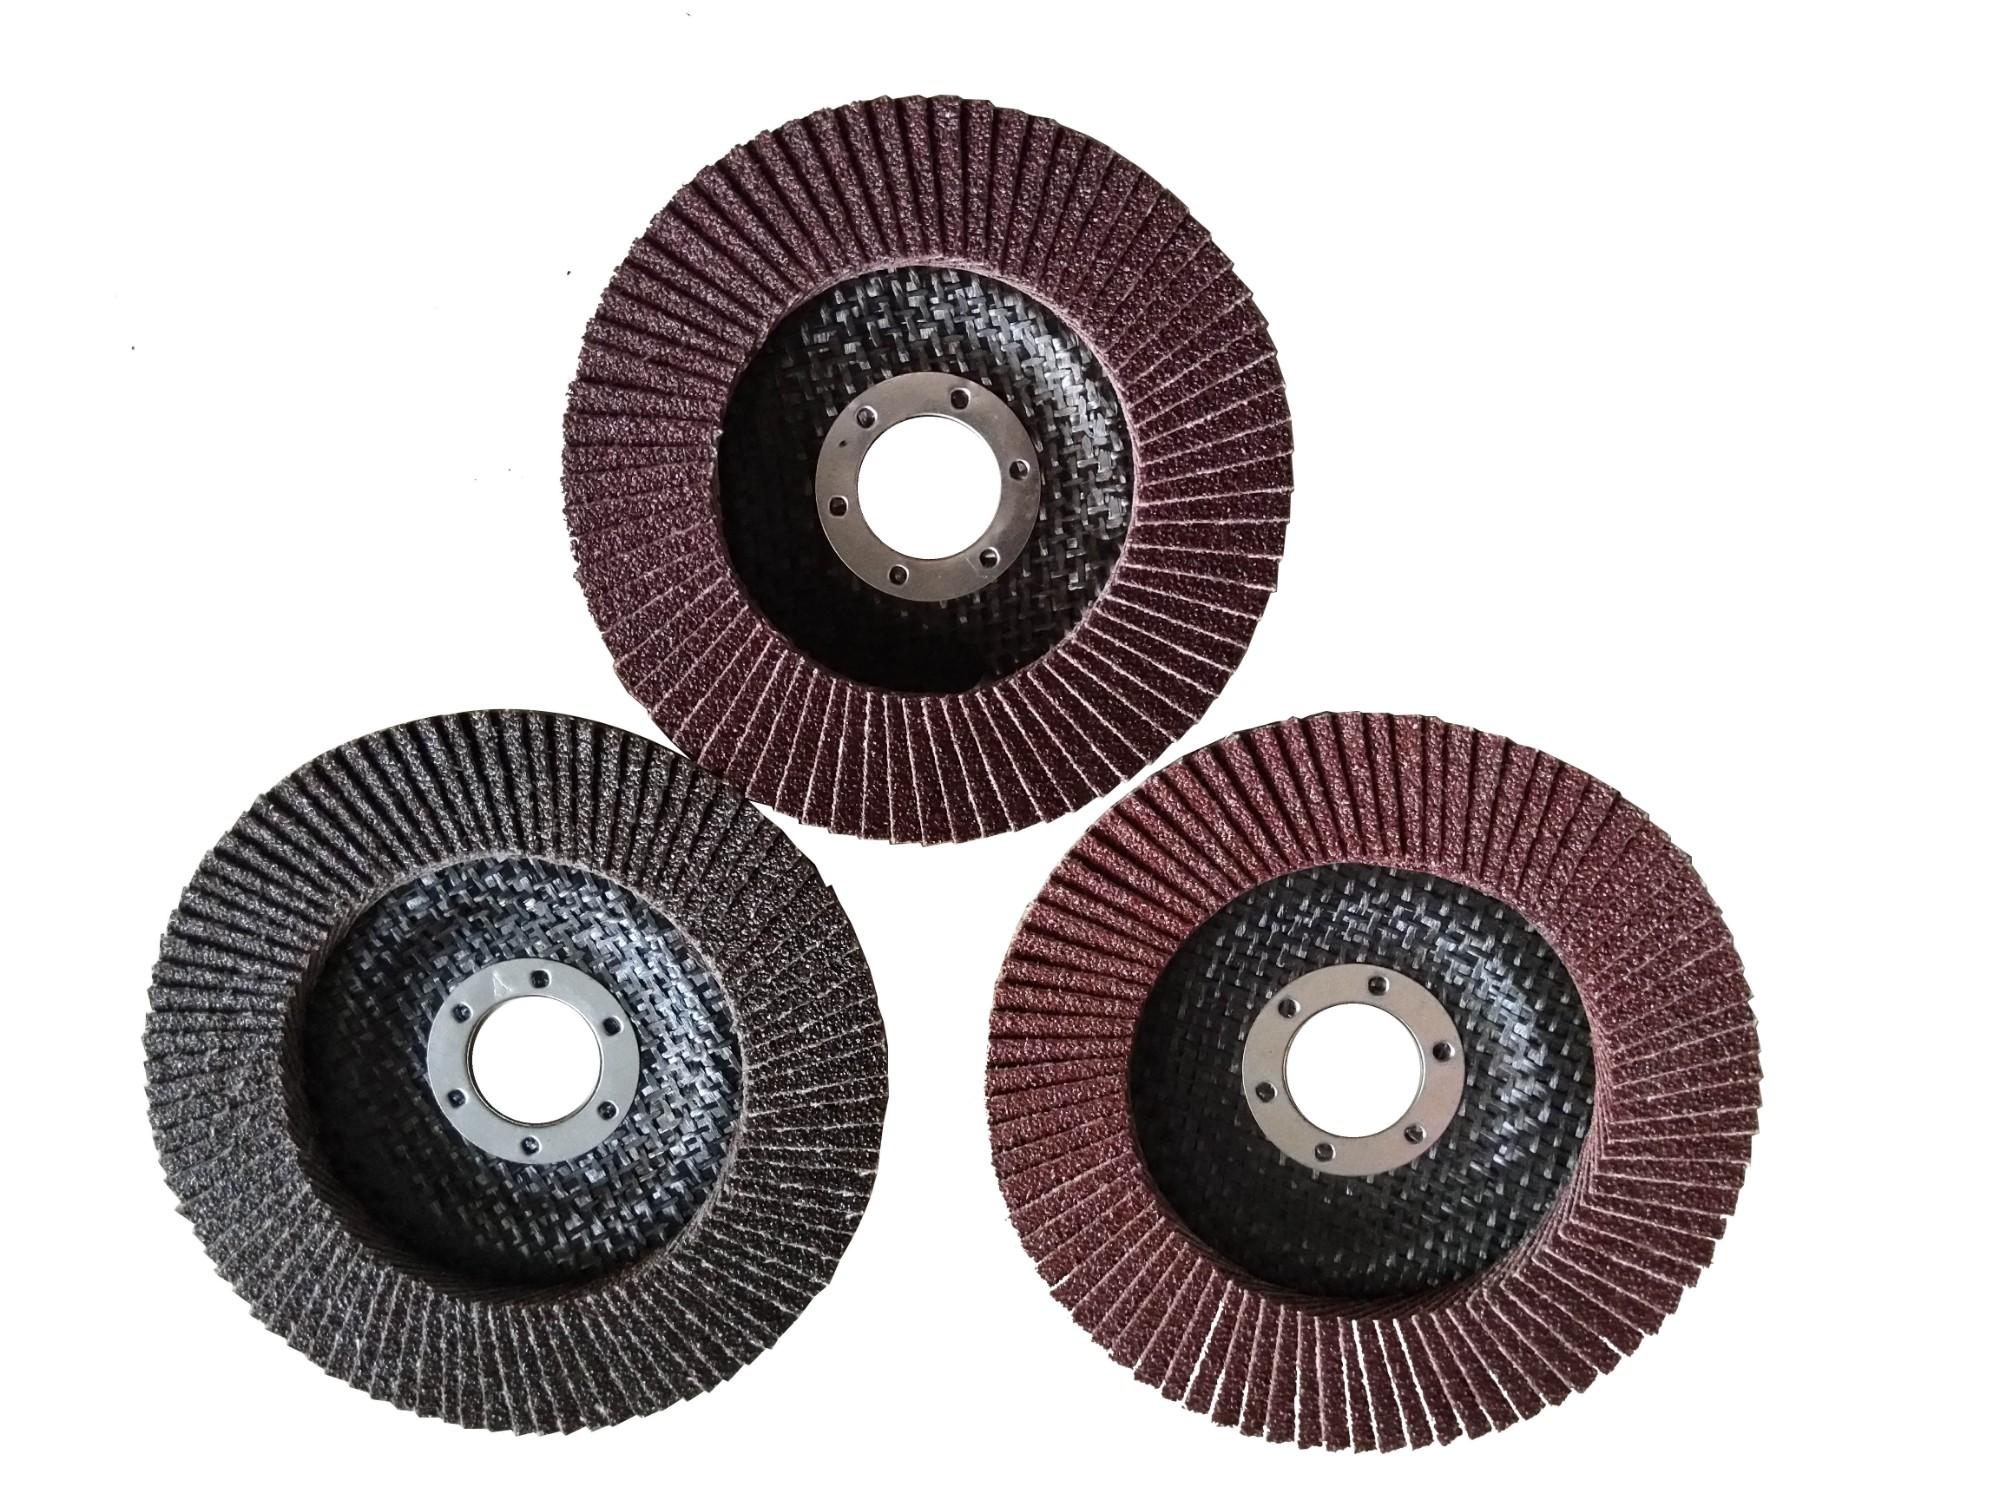 Double Net Metal Polishing Grinding Wheel Manufacturers, Double Net Metal Polishing Grinding Wheel Factory, Supply Double Net Metal Polishing Grinding Wheel